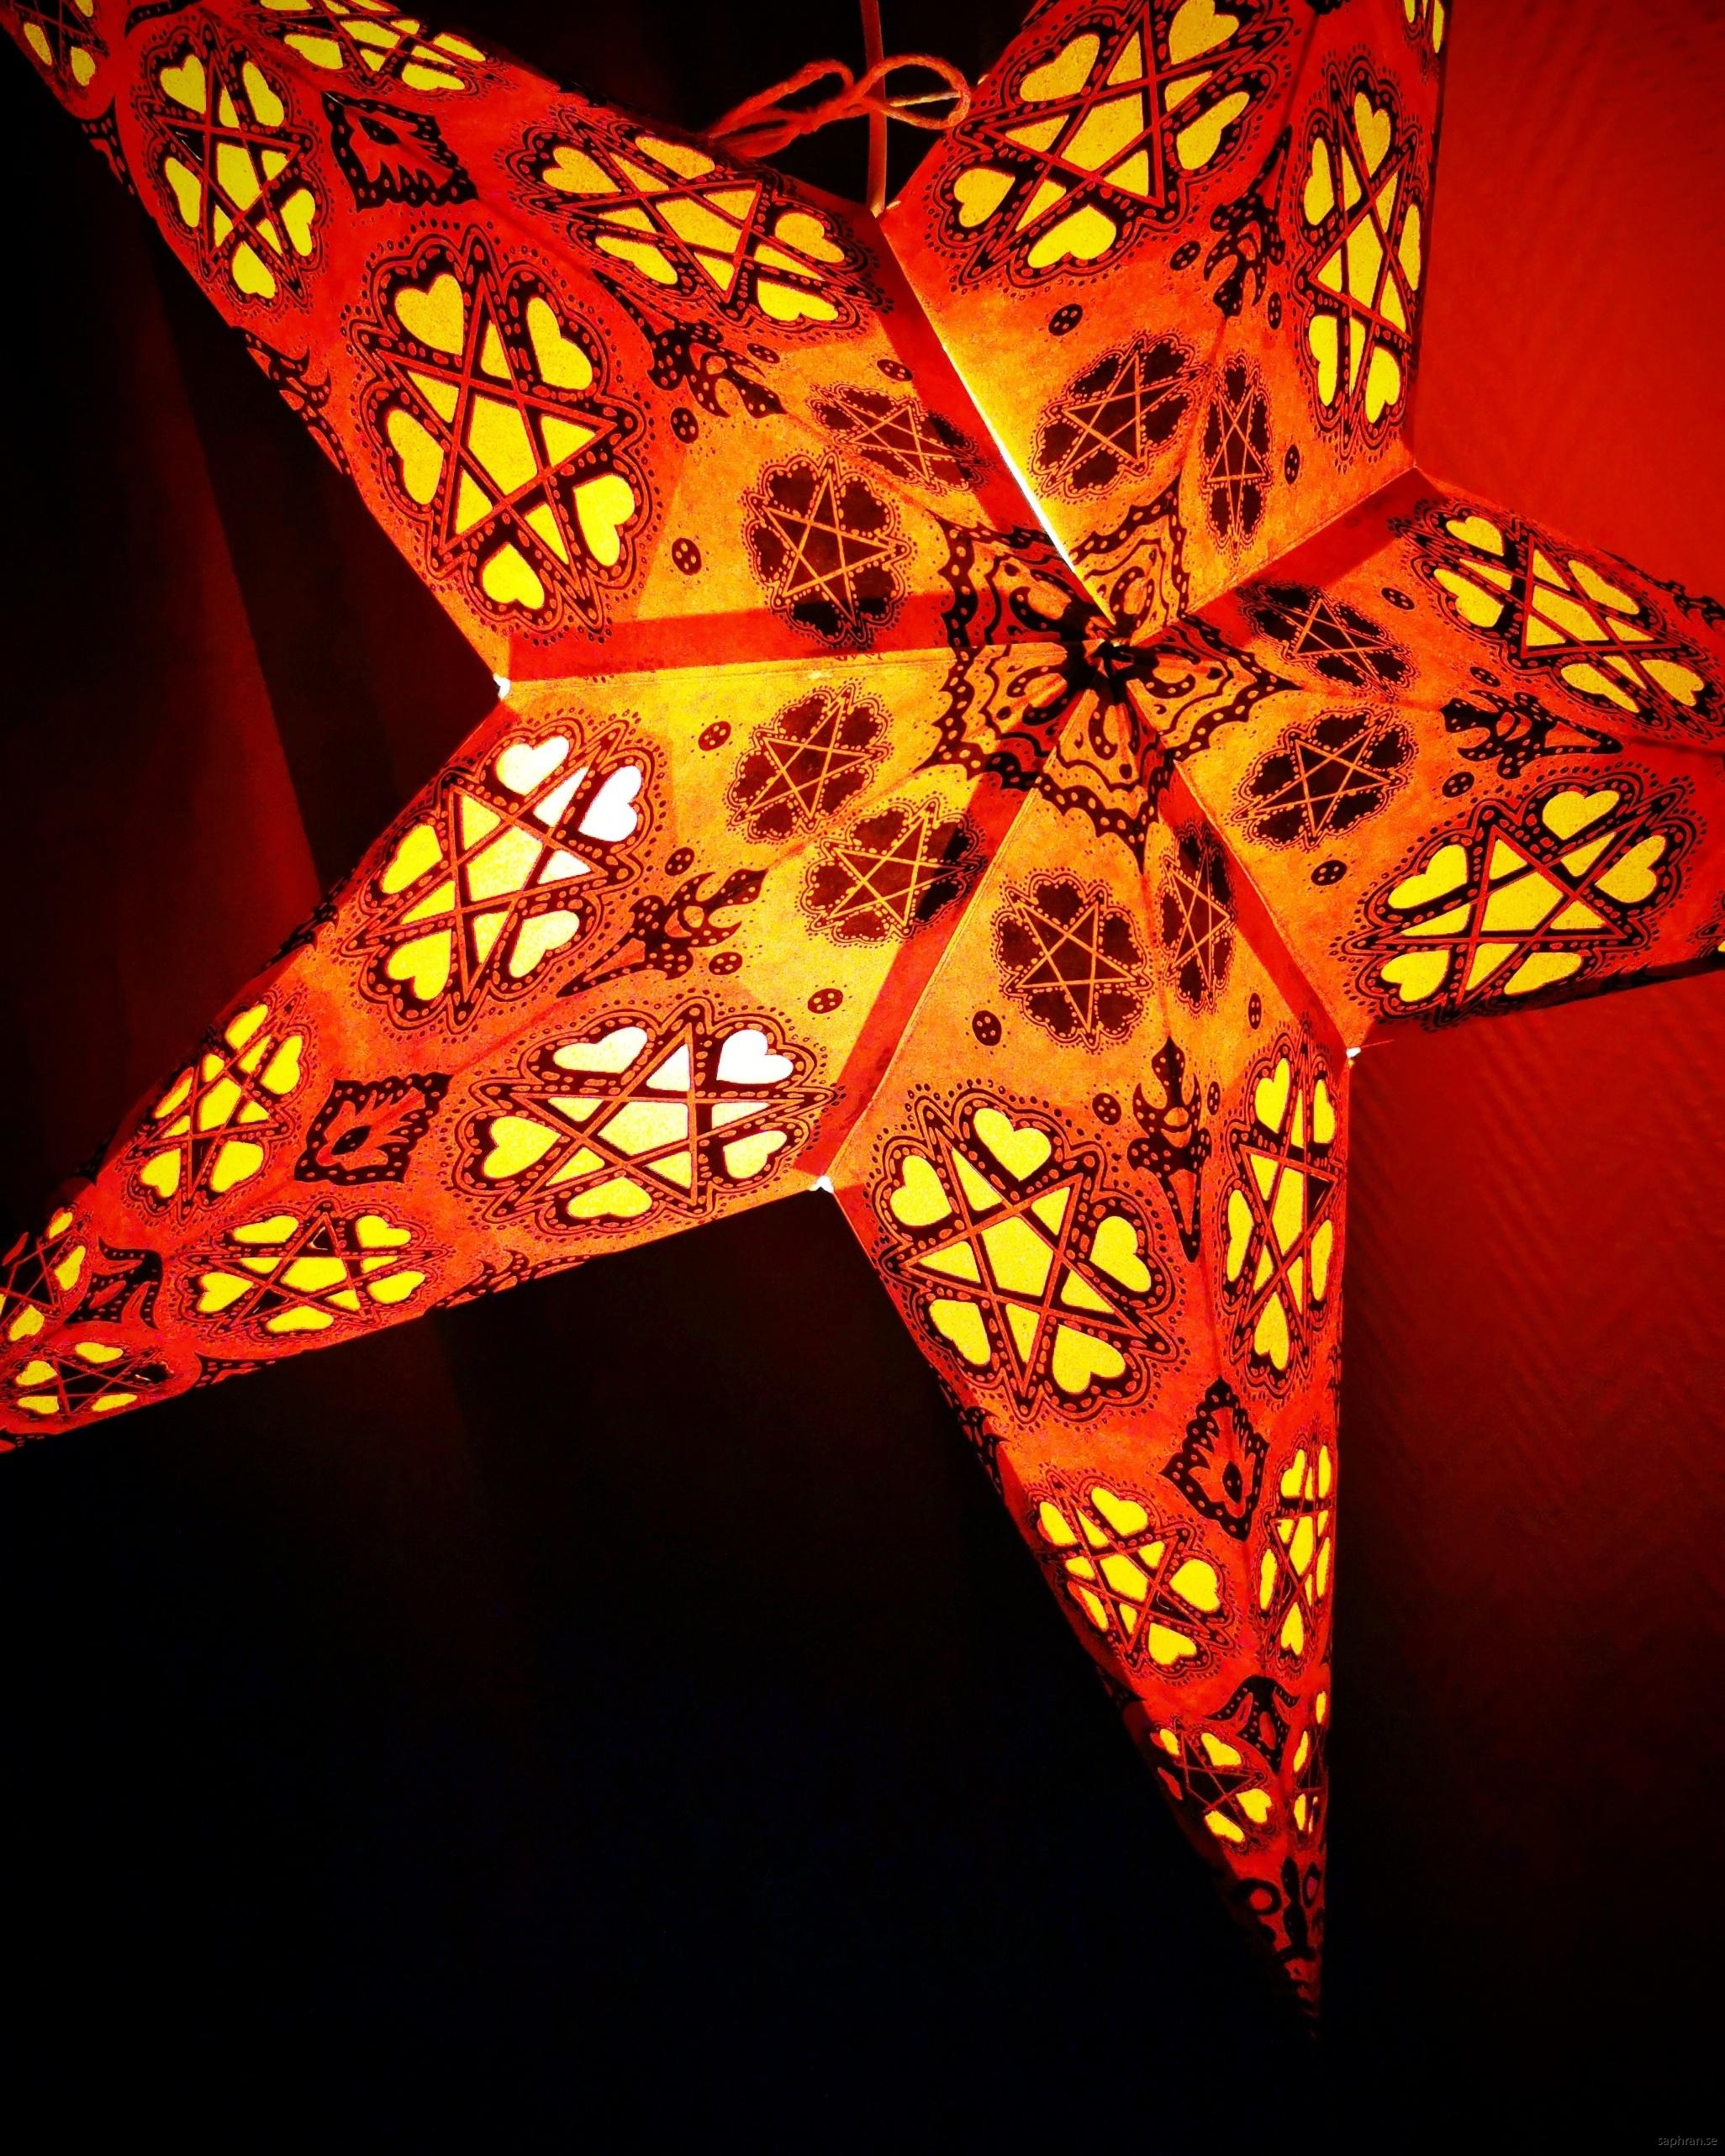 Röd kitschig julstjärna/adventsstjärna från Indien